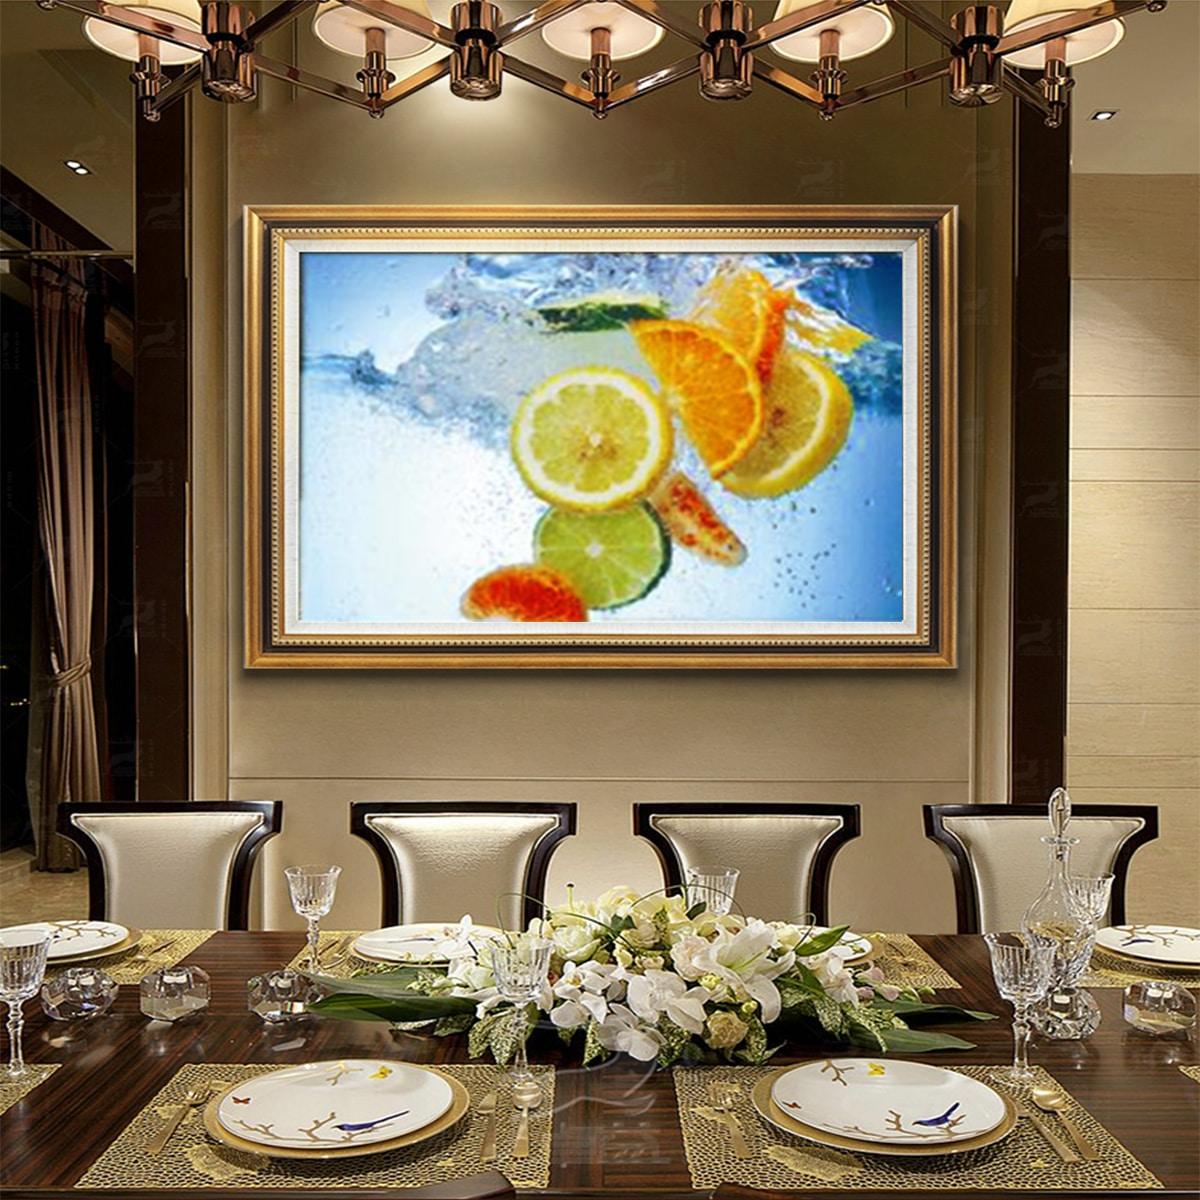 Стикер на стену с принтом лимон без рамки фото